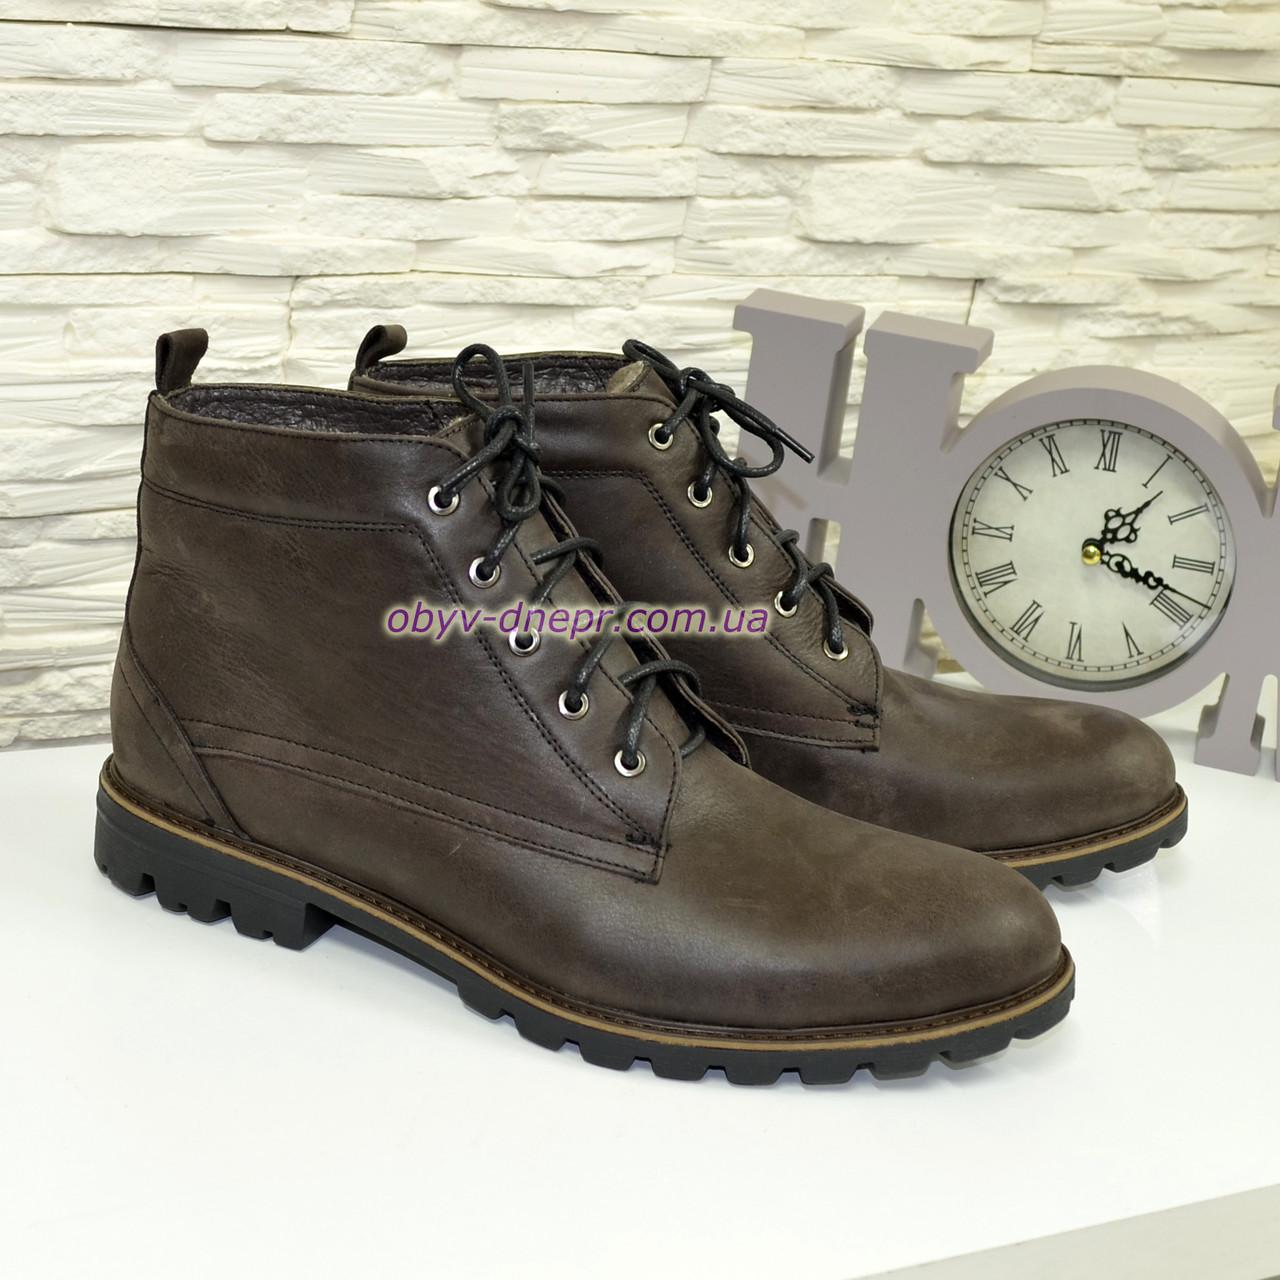 Ботинки коричневые мужские на шнуровке, из натуральной кожи нубук